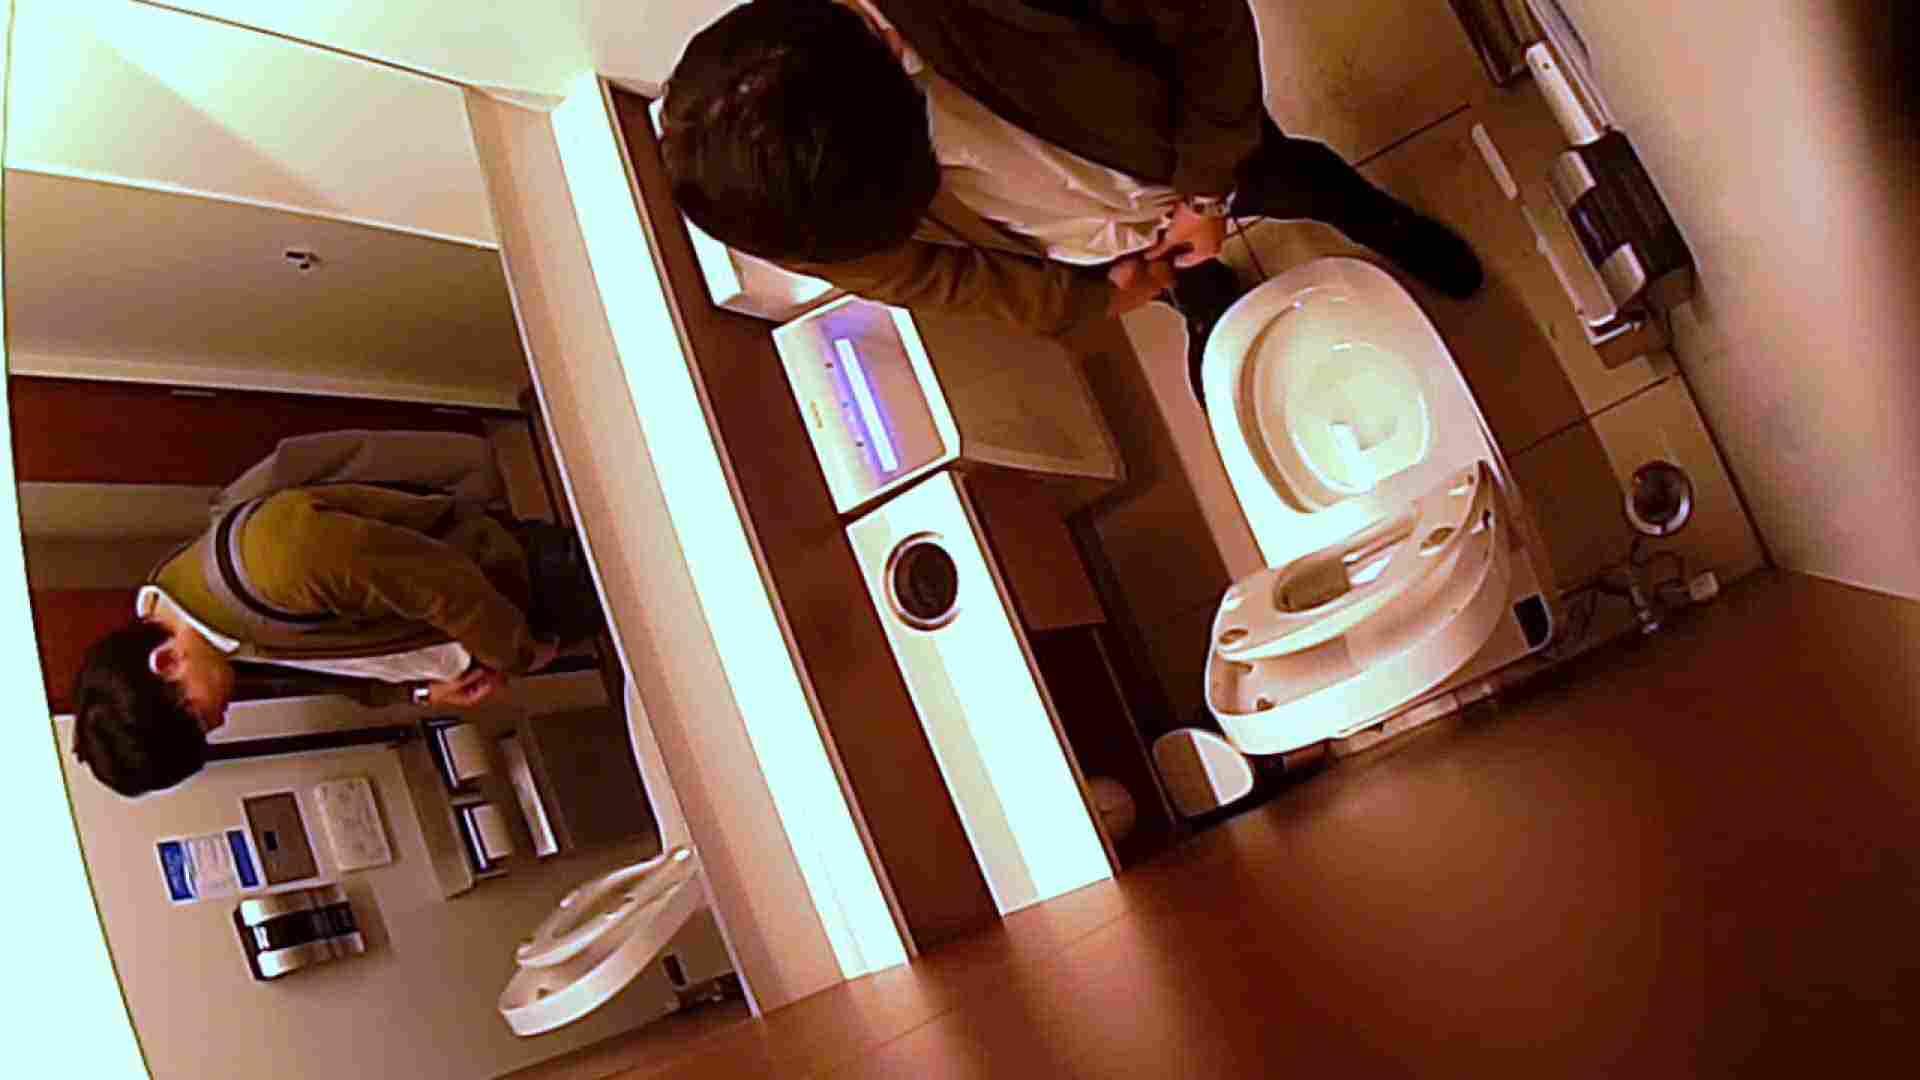 すみませんが覗かせてください Vol.30 トイレ | 0  62枚 23